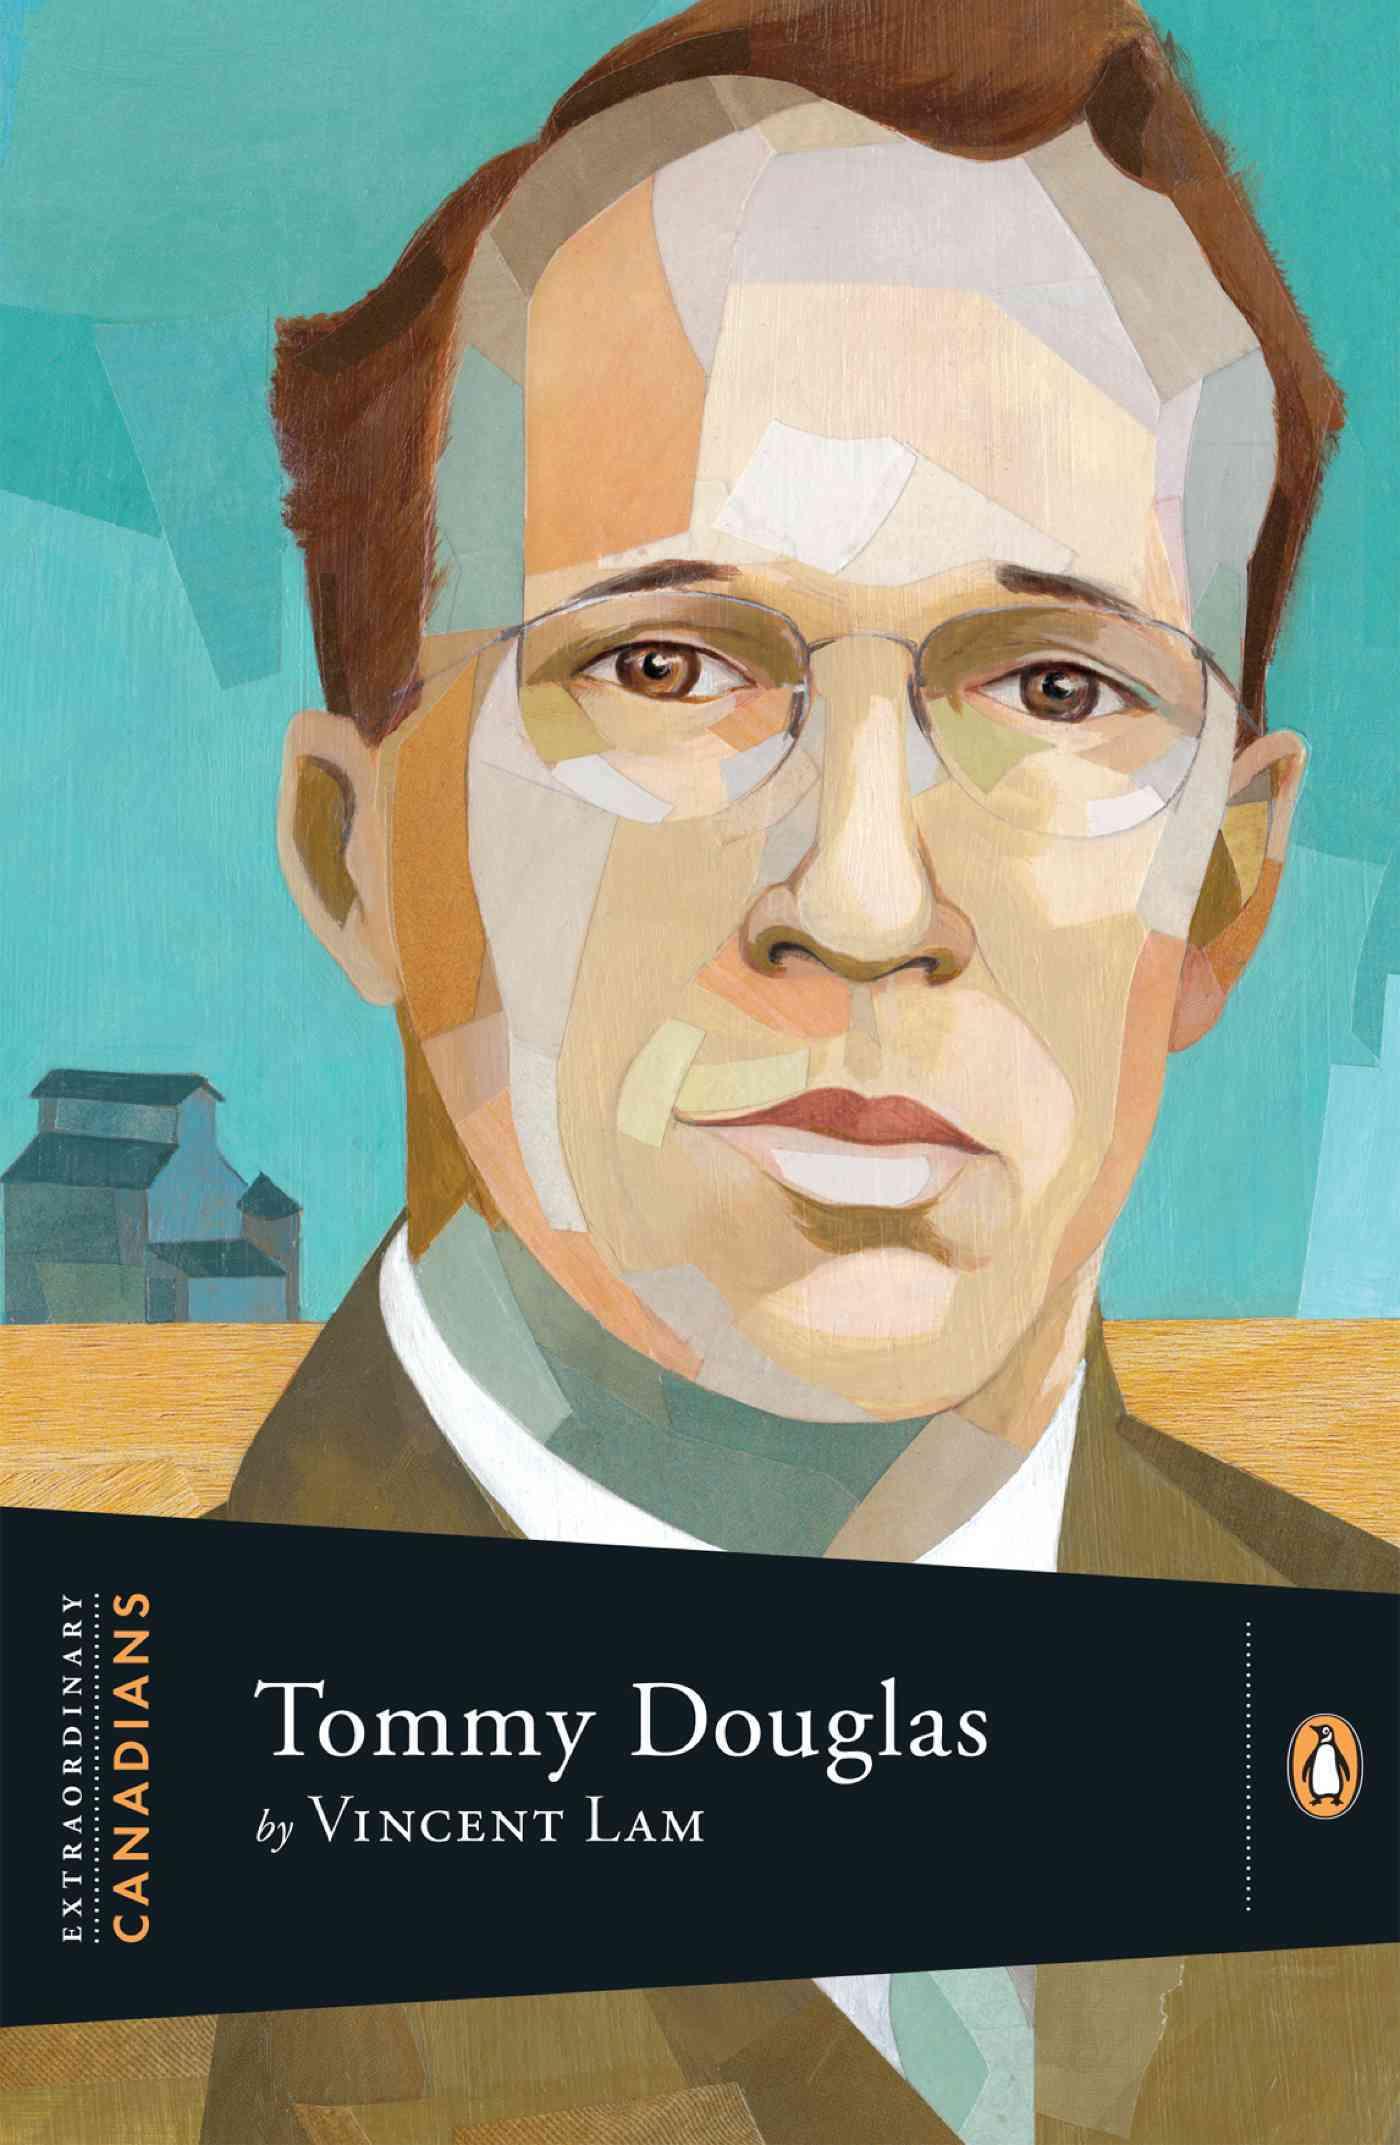 tommy douglas medicare essay acirc order custom essay why study abroad essay